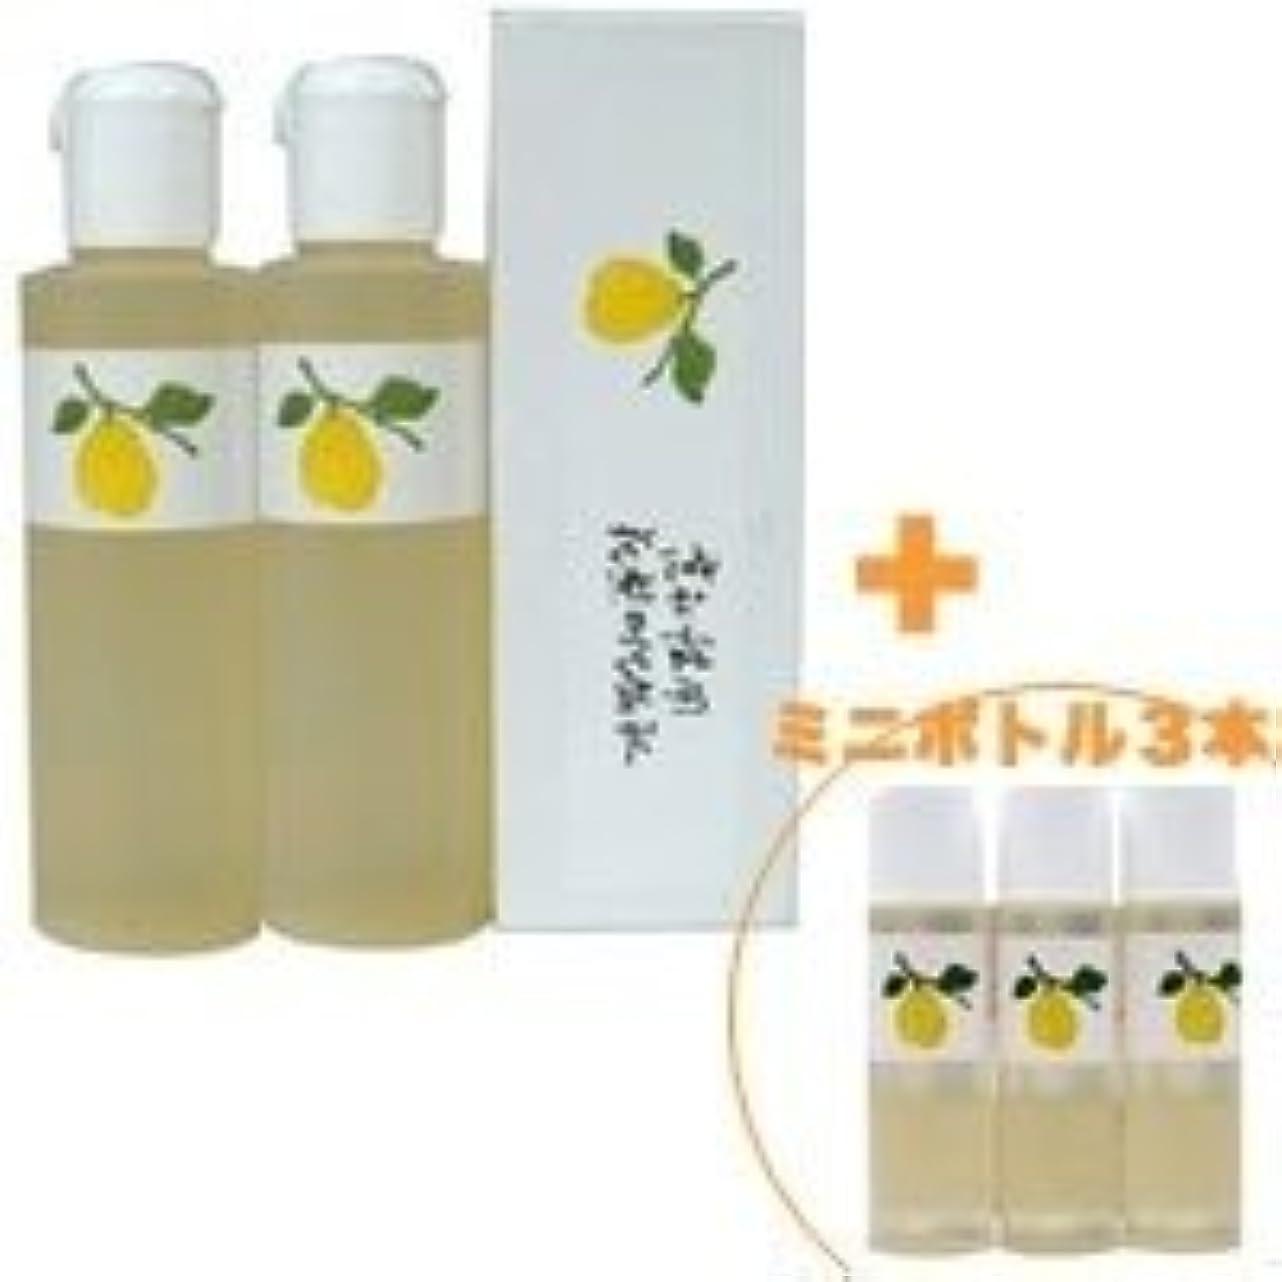 プレート息苦しい花梨の化粧水 花梨の化粧水 200ml 2本&ミニボトル 3本